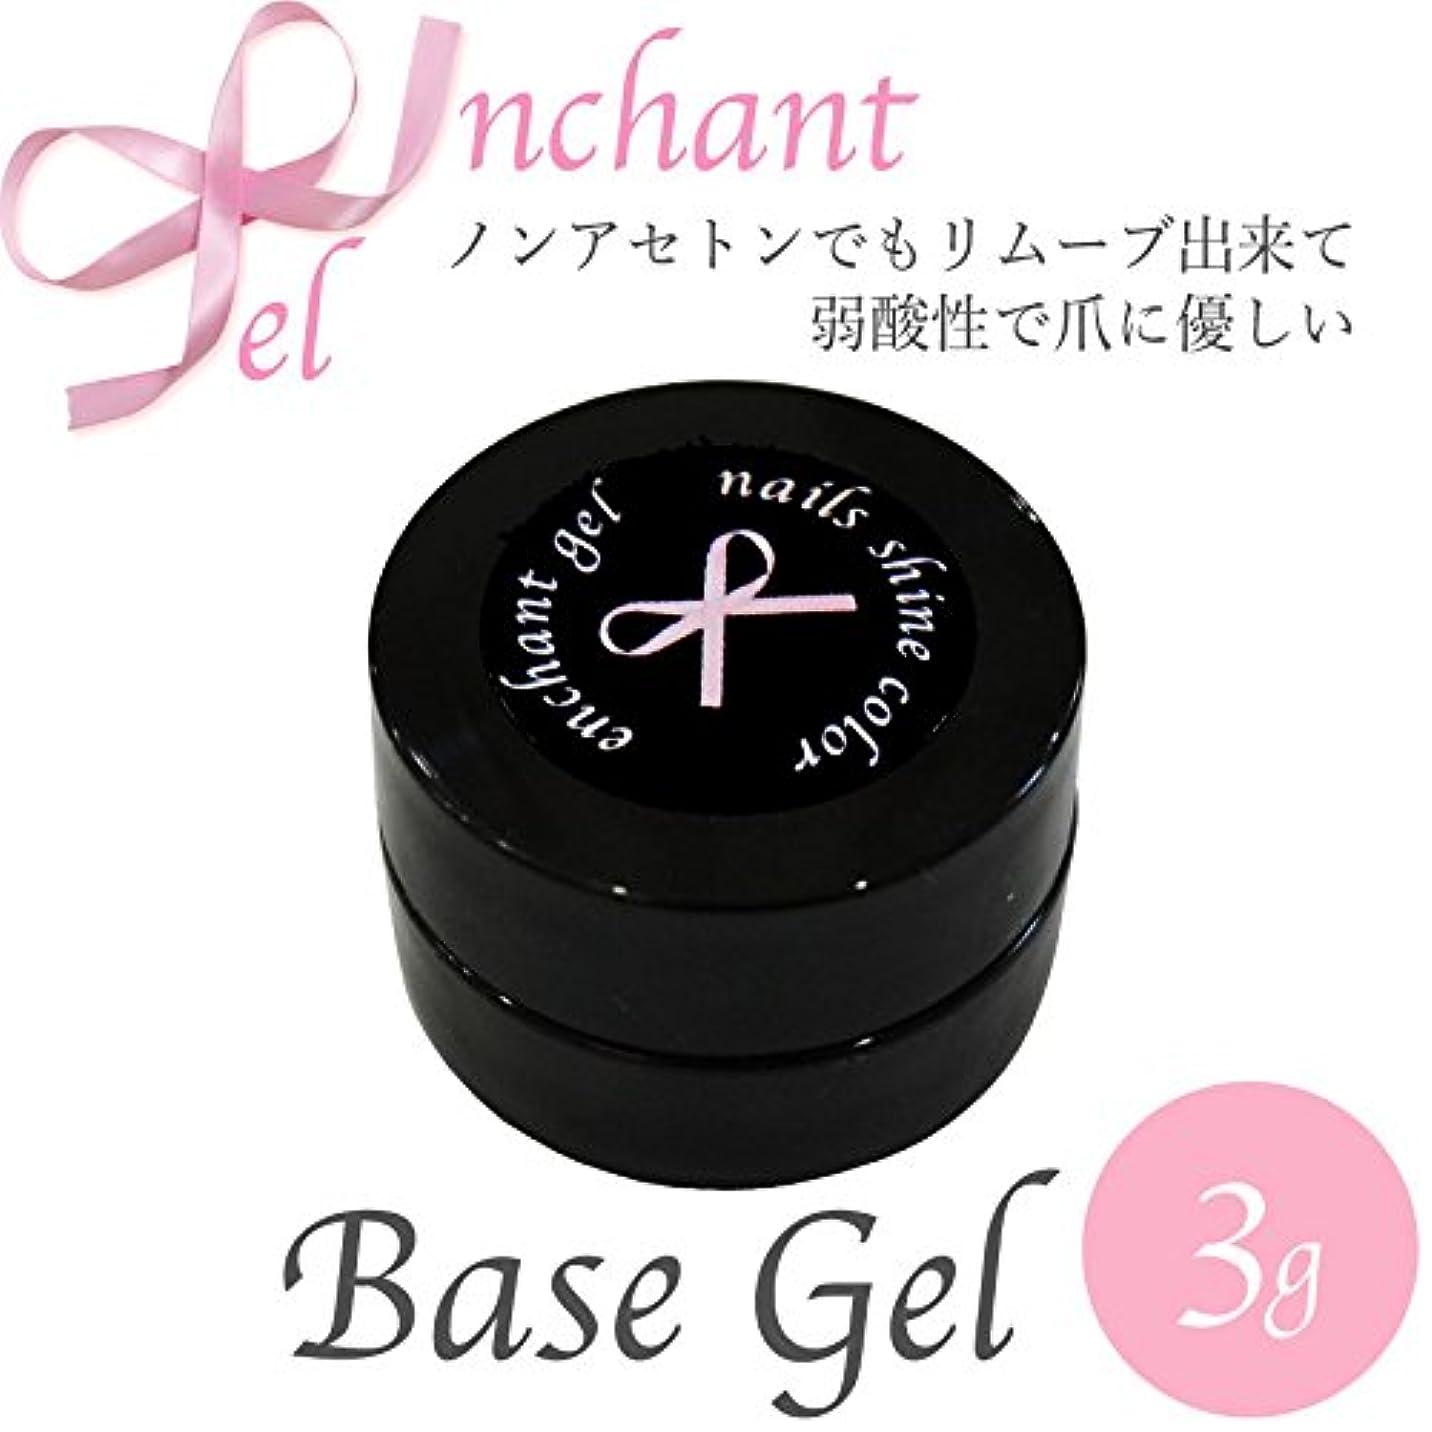 灰悲劇ゼリーenchant gel clear base gel 3g/エンチャントジェル クリアーベースジェル 3グラム